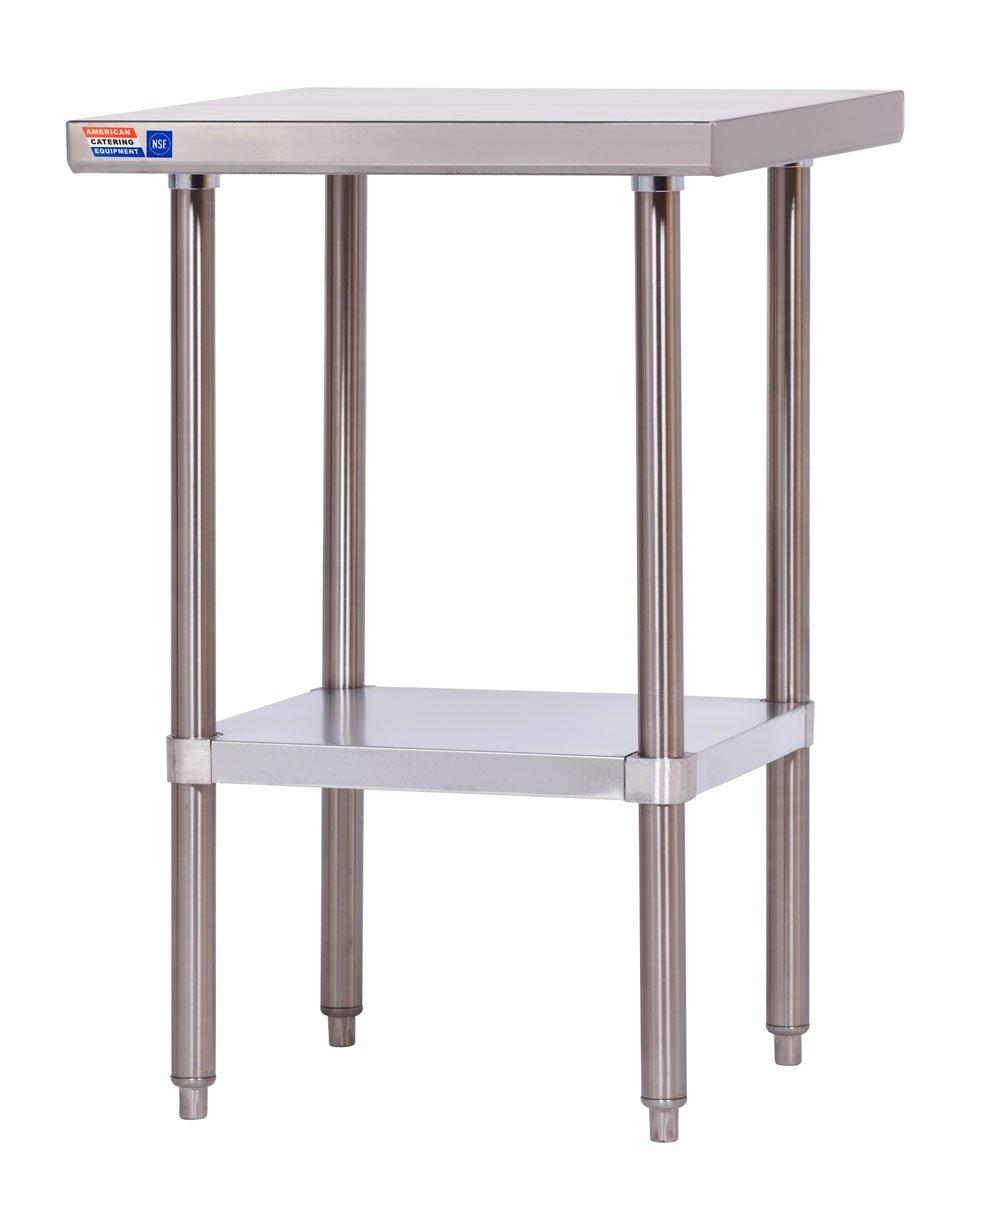 Edelstahl Tisch Mitte 600 mm extra tief Flat Top: Amazon.de: Gewerbe ...